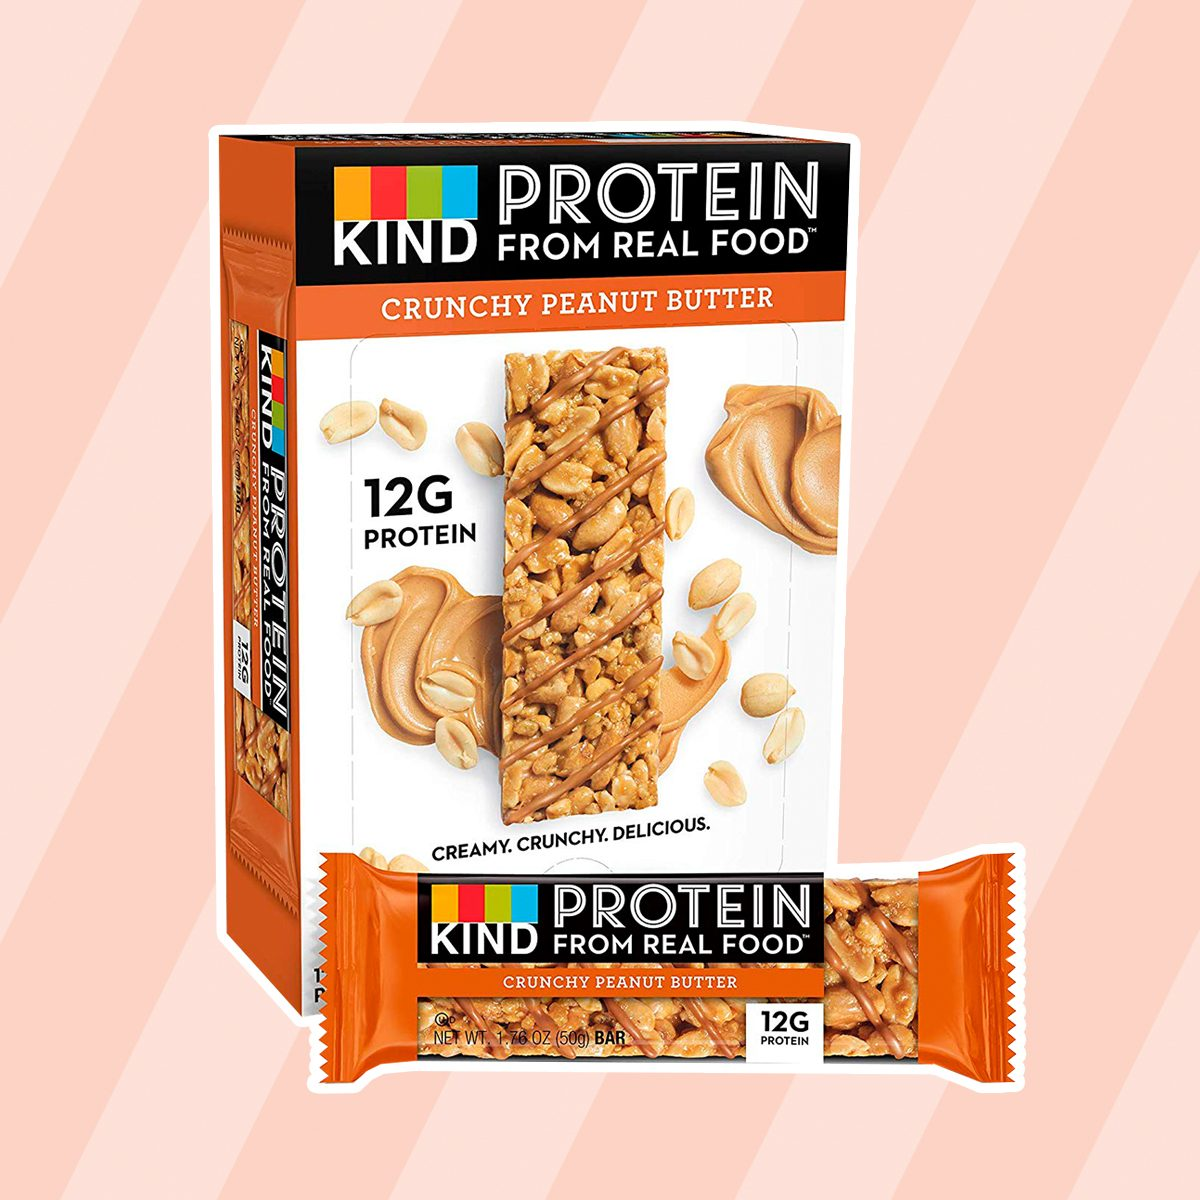 KIND Protein Bars, Crunchy Peanut Butter, Gluten Free, 12g Protein